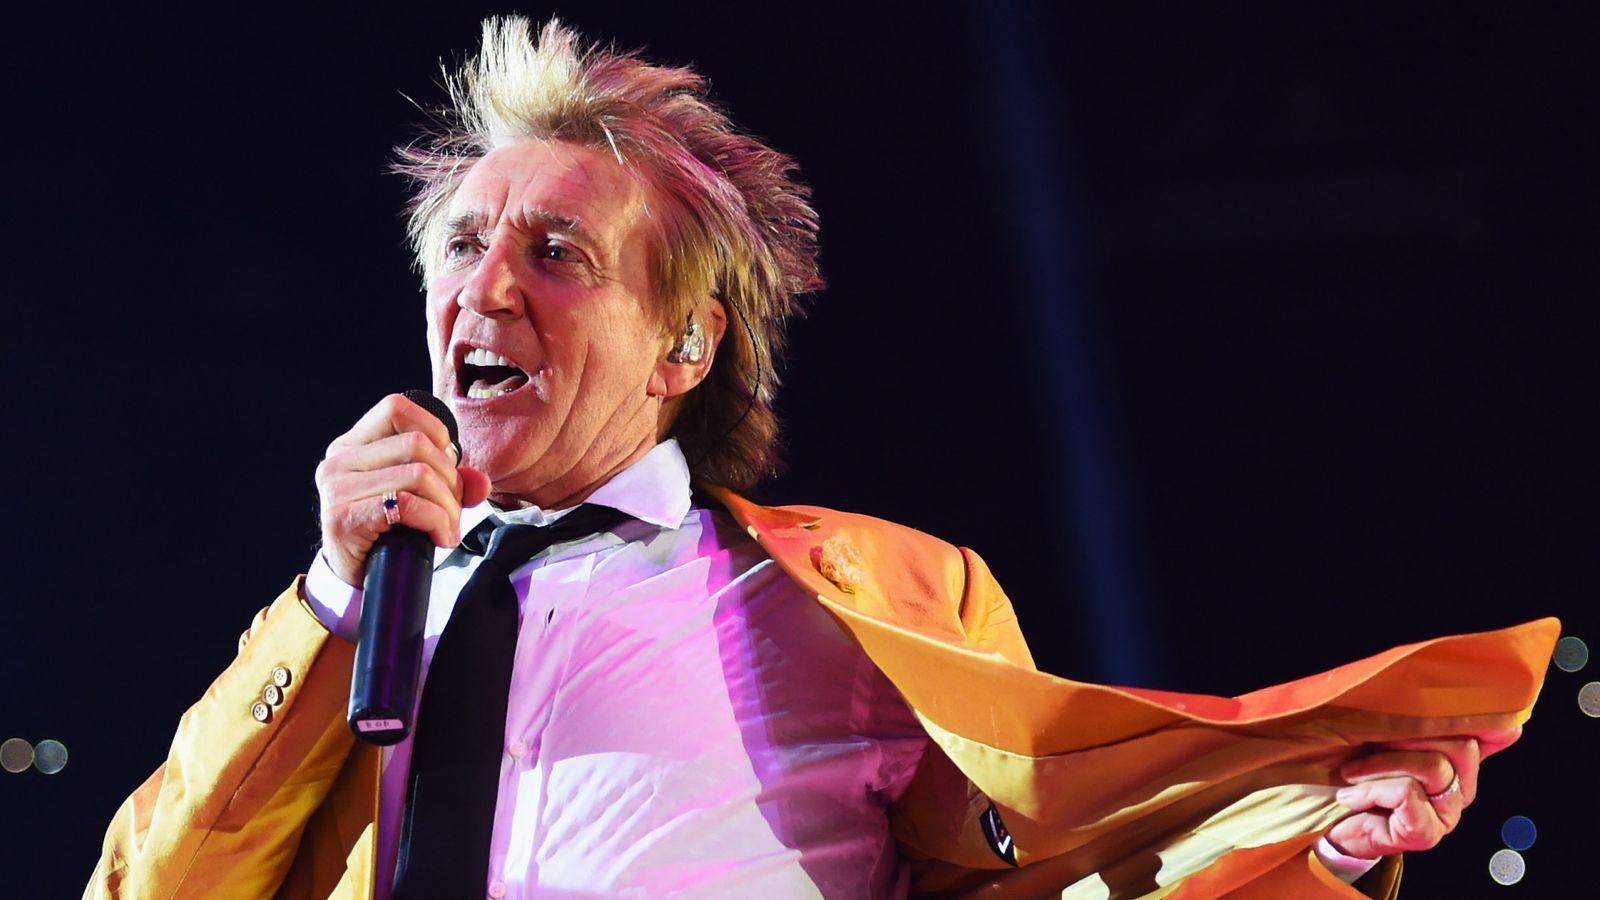 Sir Rod Stewart reveals secret prostate cancer battle